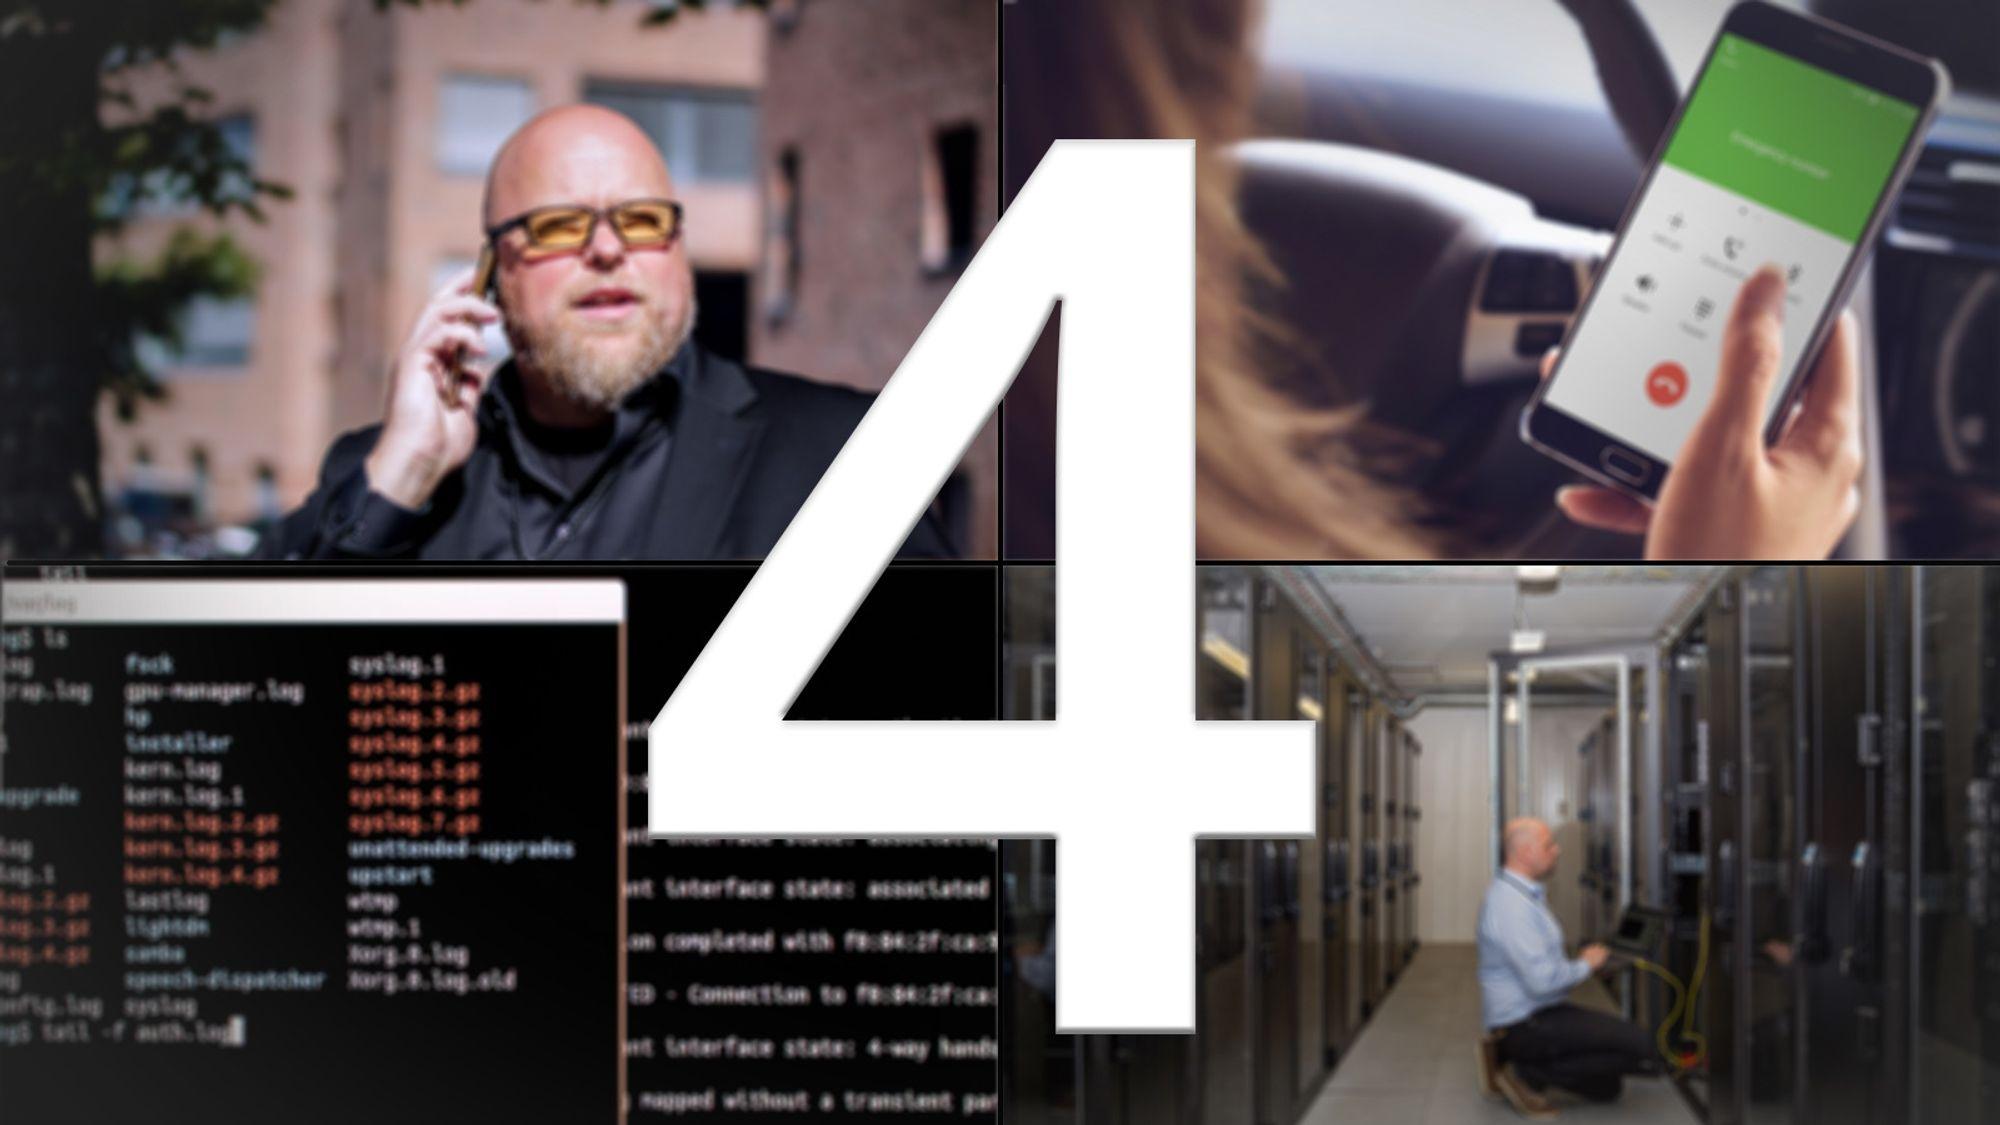 ANNONSE: Fire prinsipper for sikker virksomhets-IT